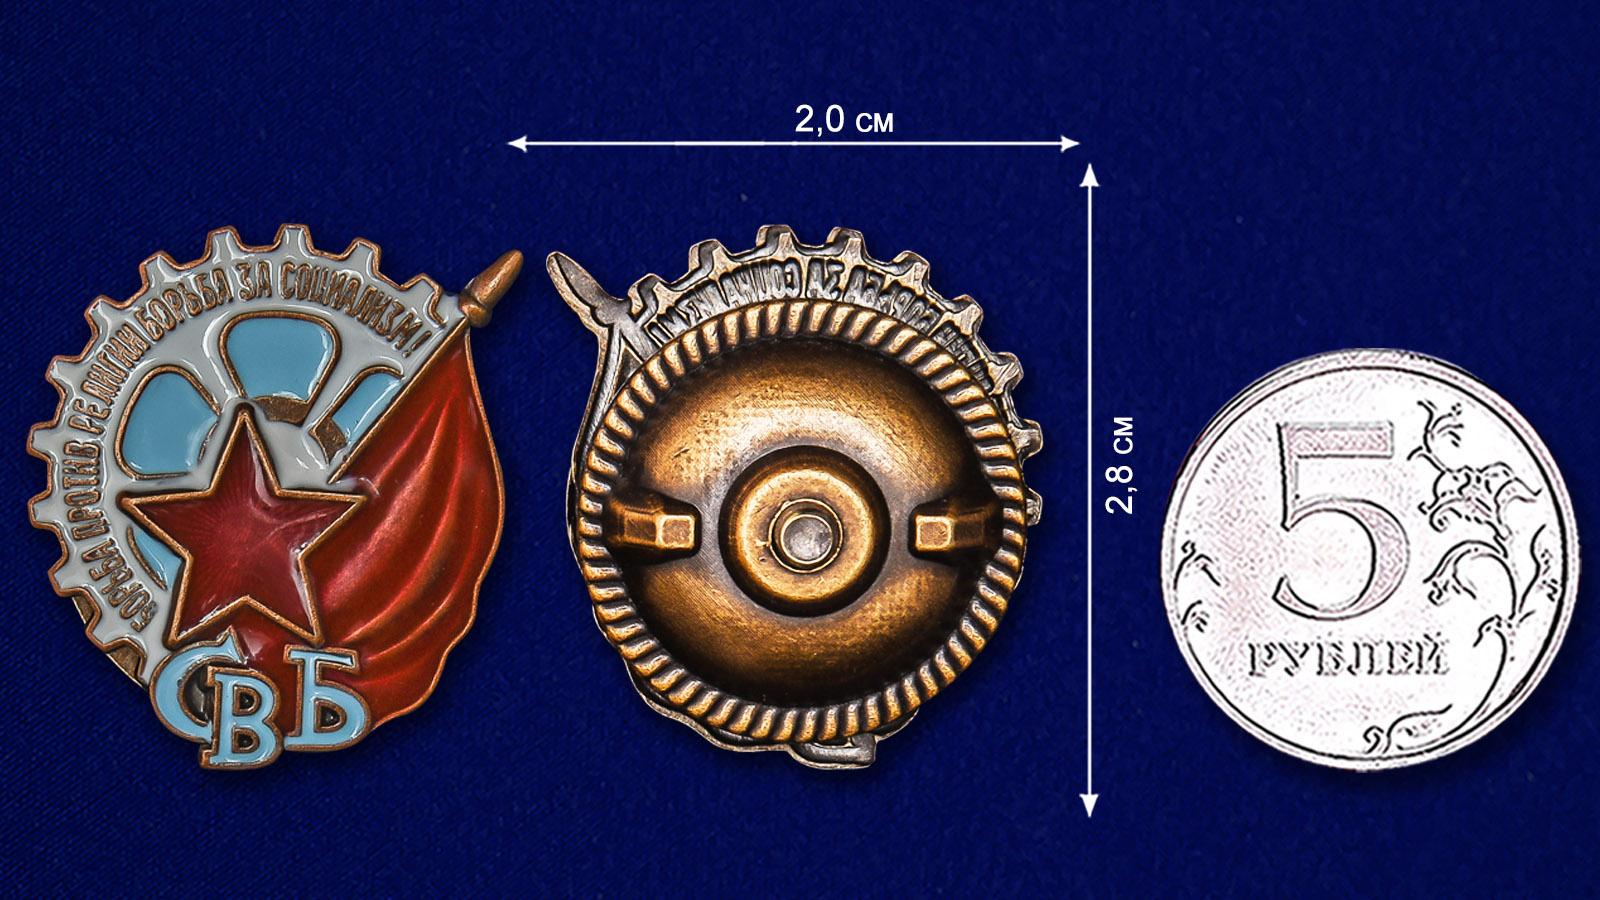 Знак СВБ - размер